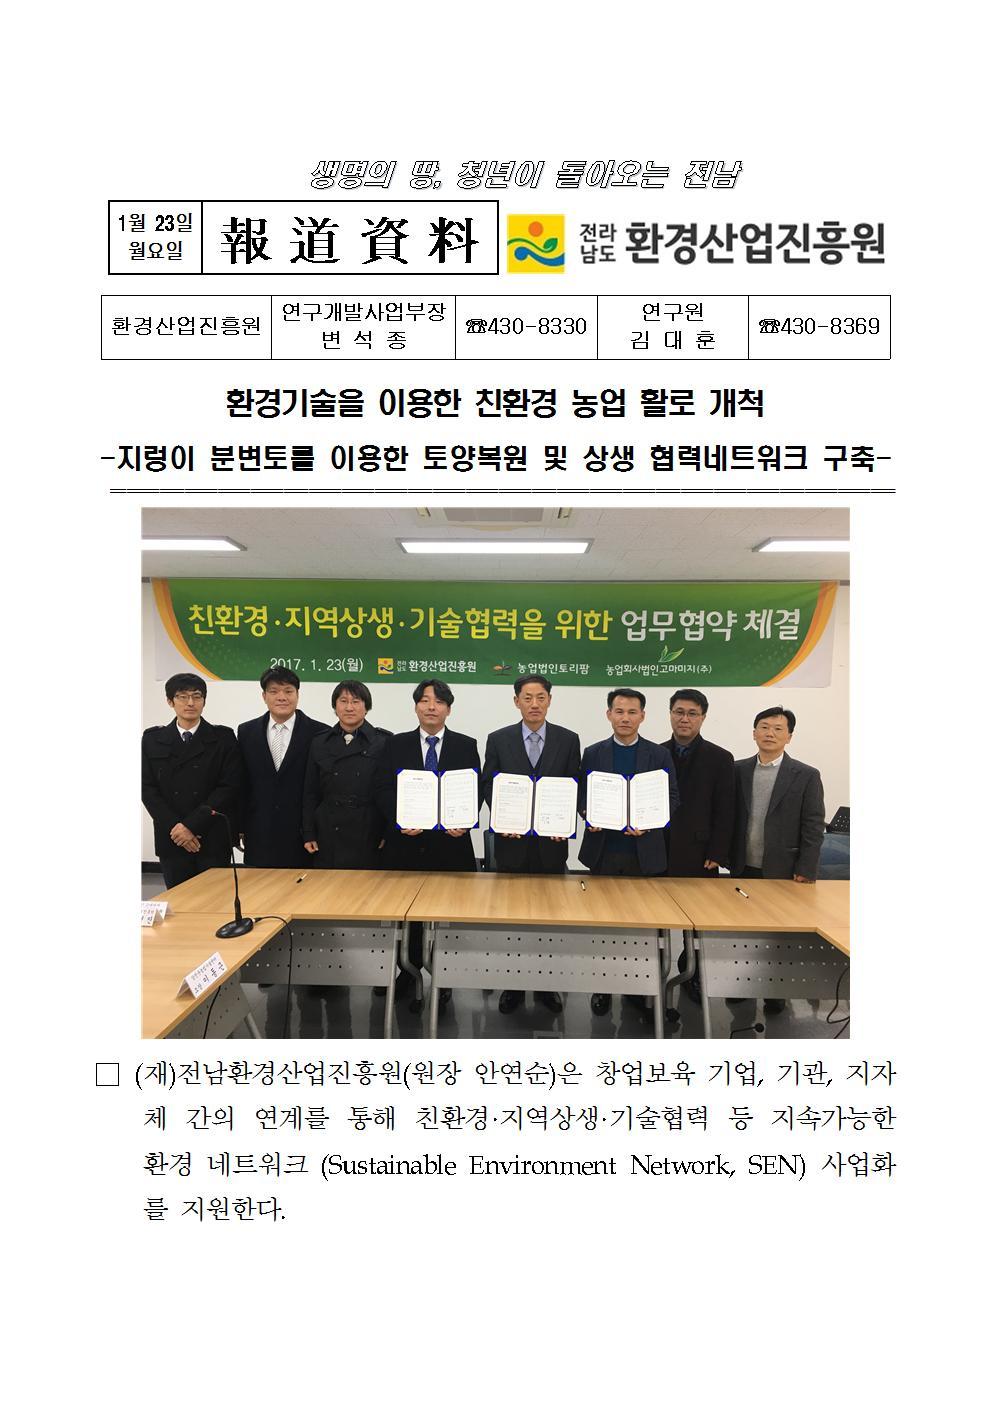 친환경지역상생기술협력을위한업무협약체결